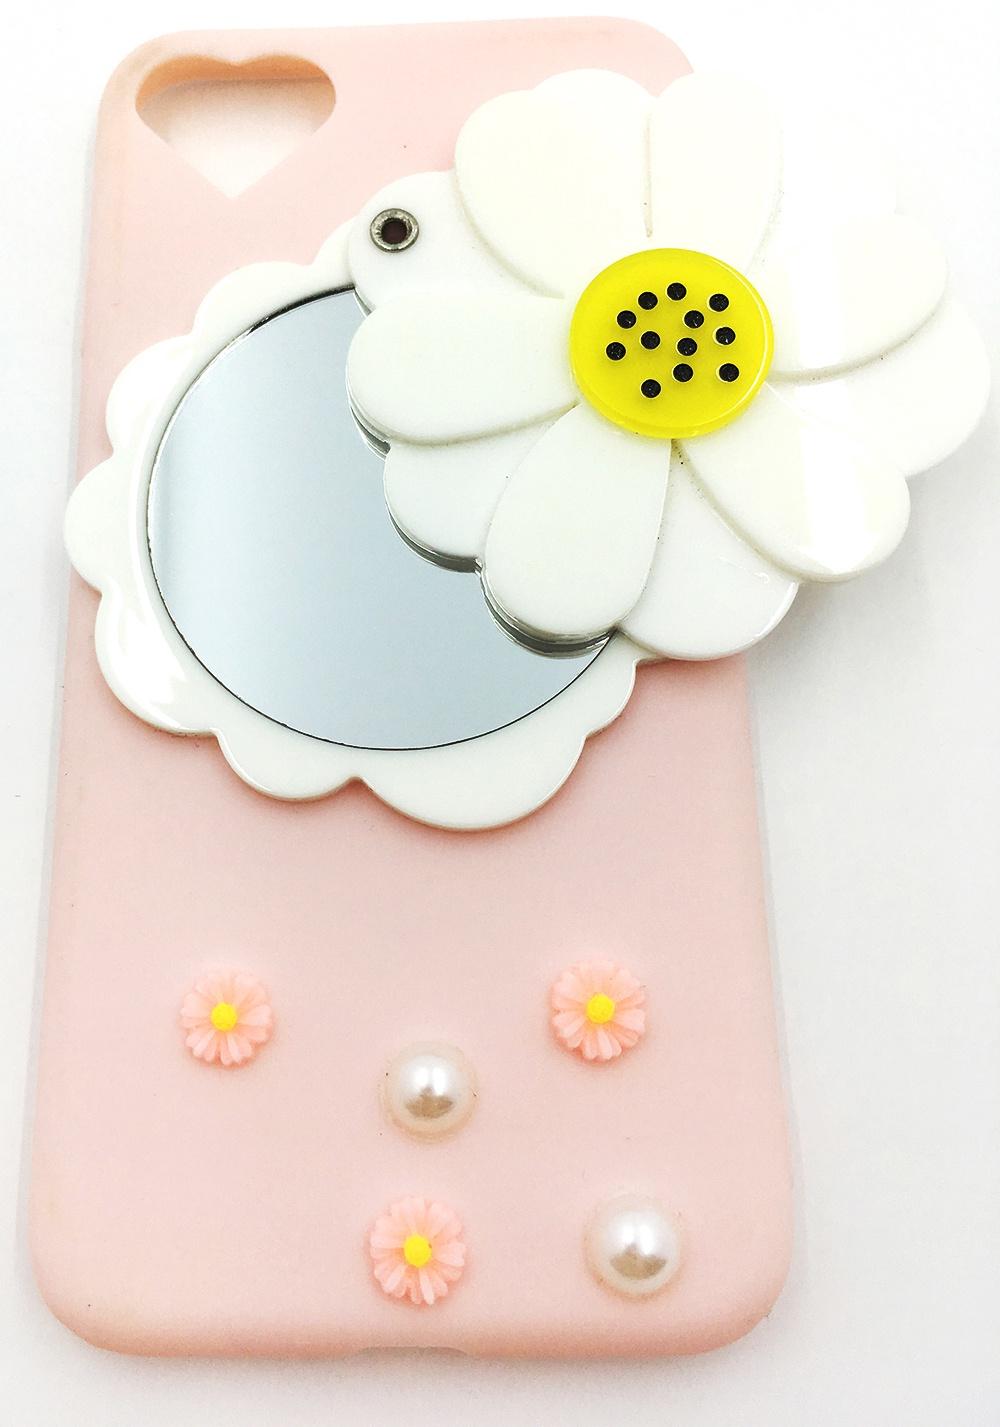 Чехол для сотового телефона Мобильная мода iPhone 7 Накладка 3D принт, зеркальце, шнурок, светло-розовый